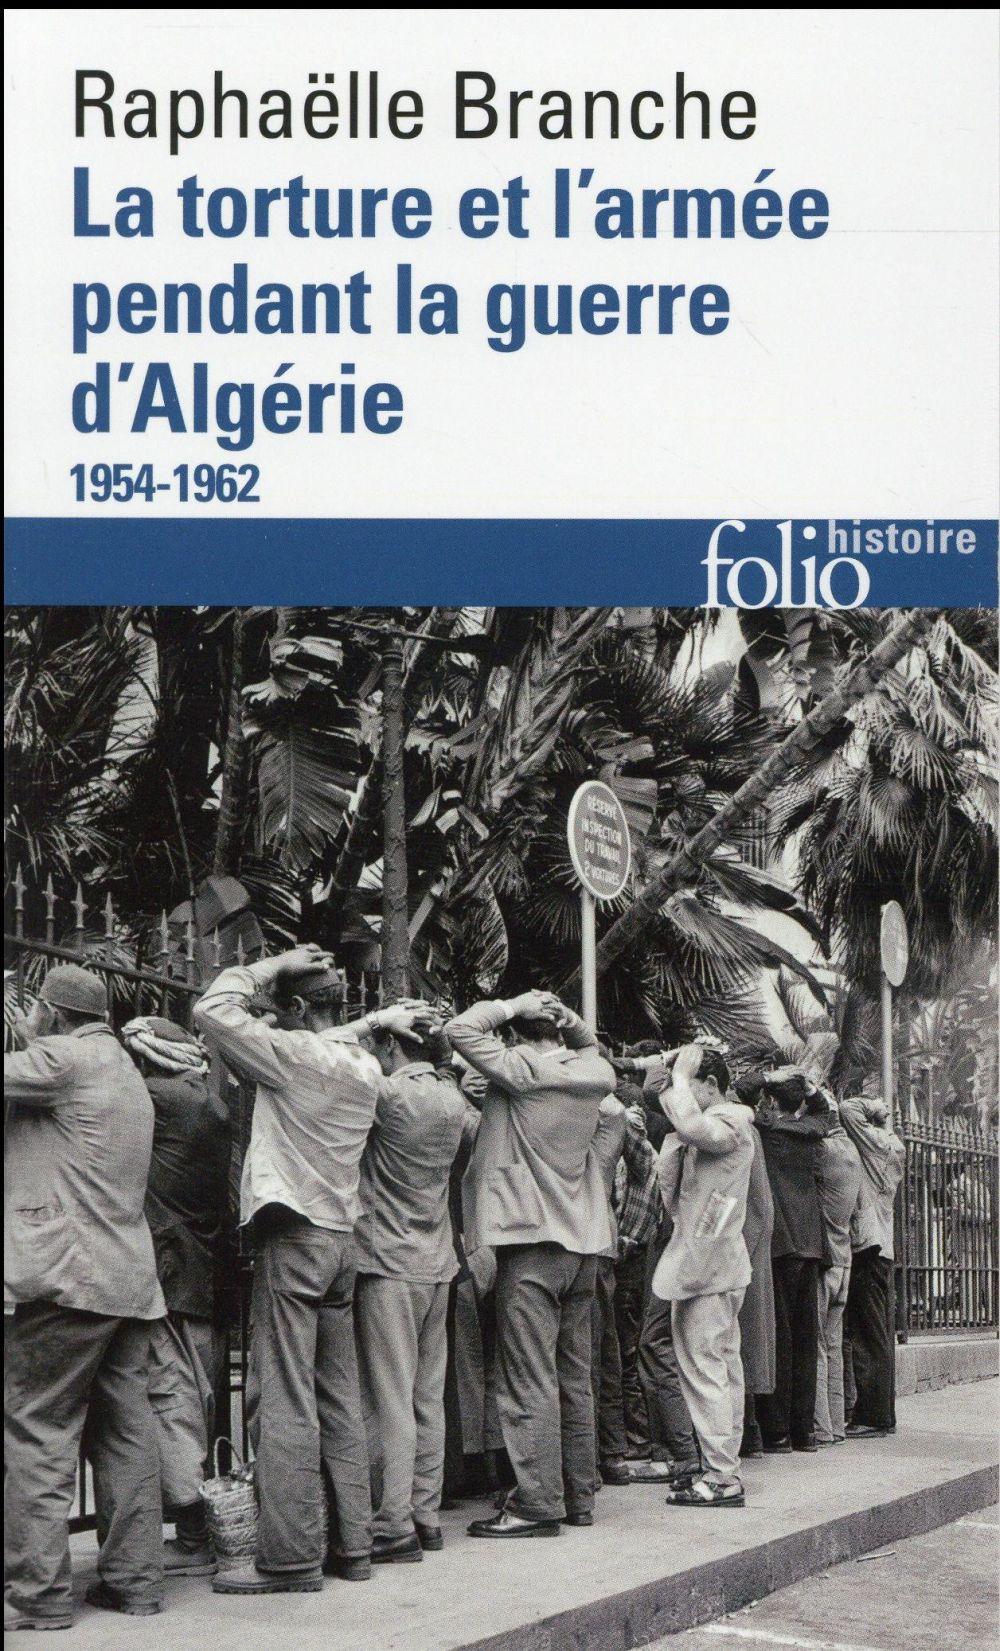 LA TORTURE ET L-ARMEE PENDANT LA GUERRE D-ALGERIE 1954-1962